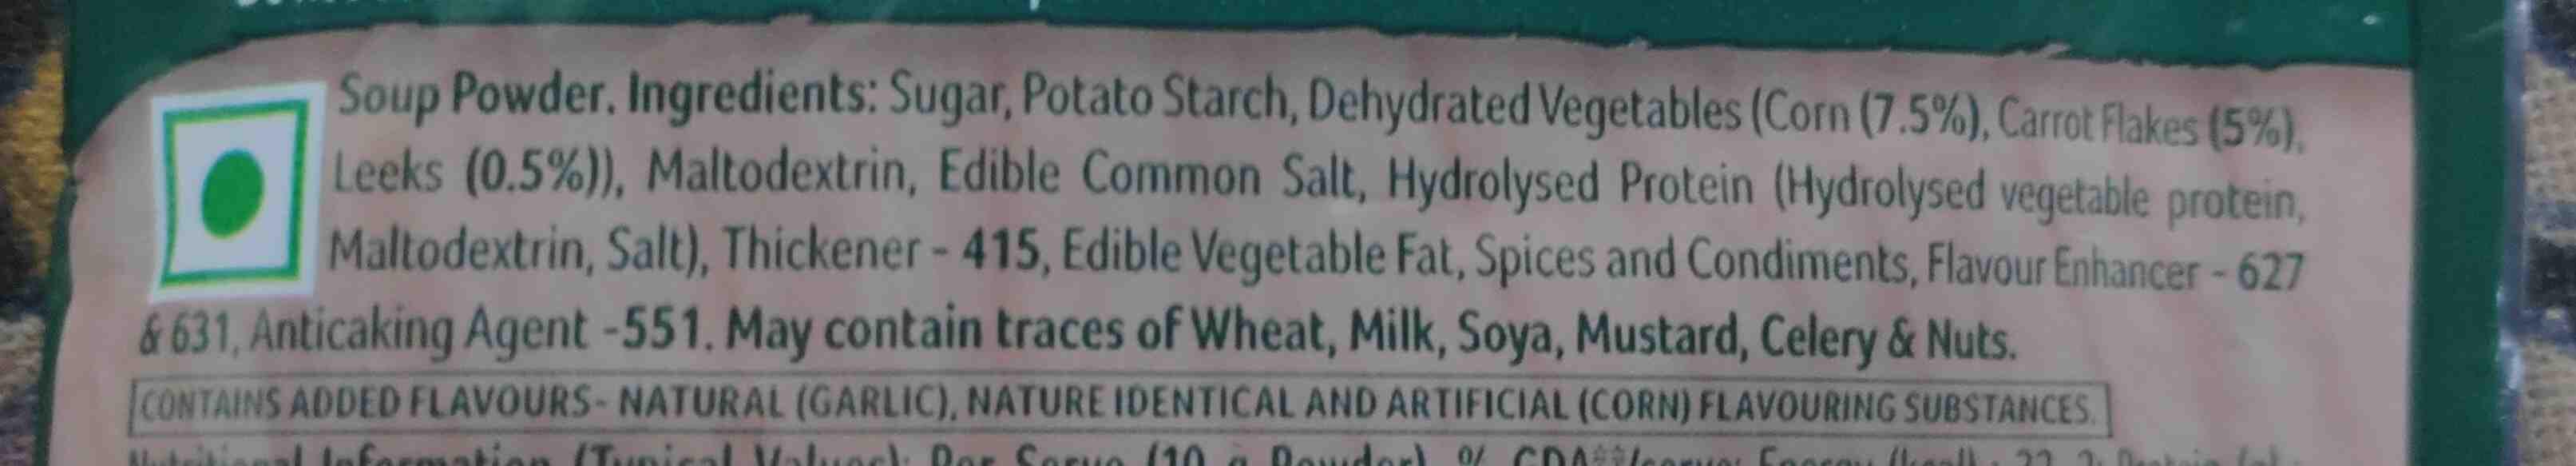 Knorr sweet corn veg soup - Ingredients - en